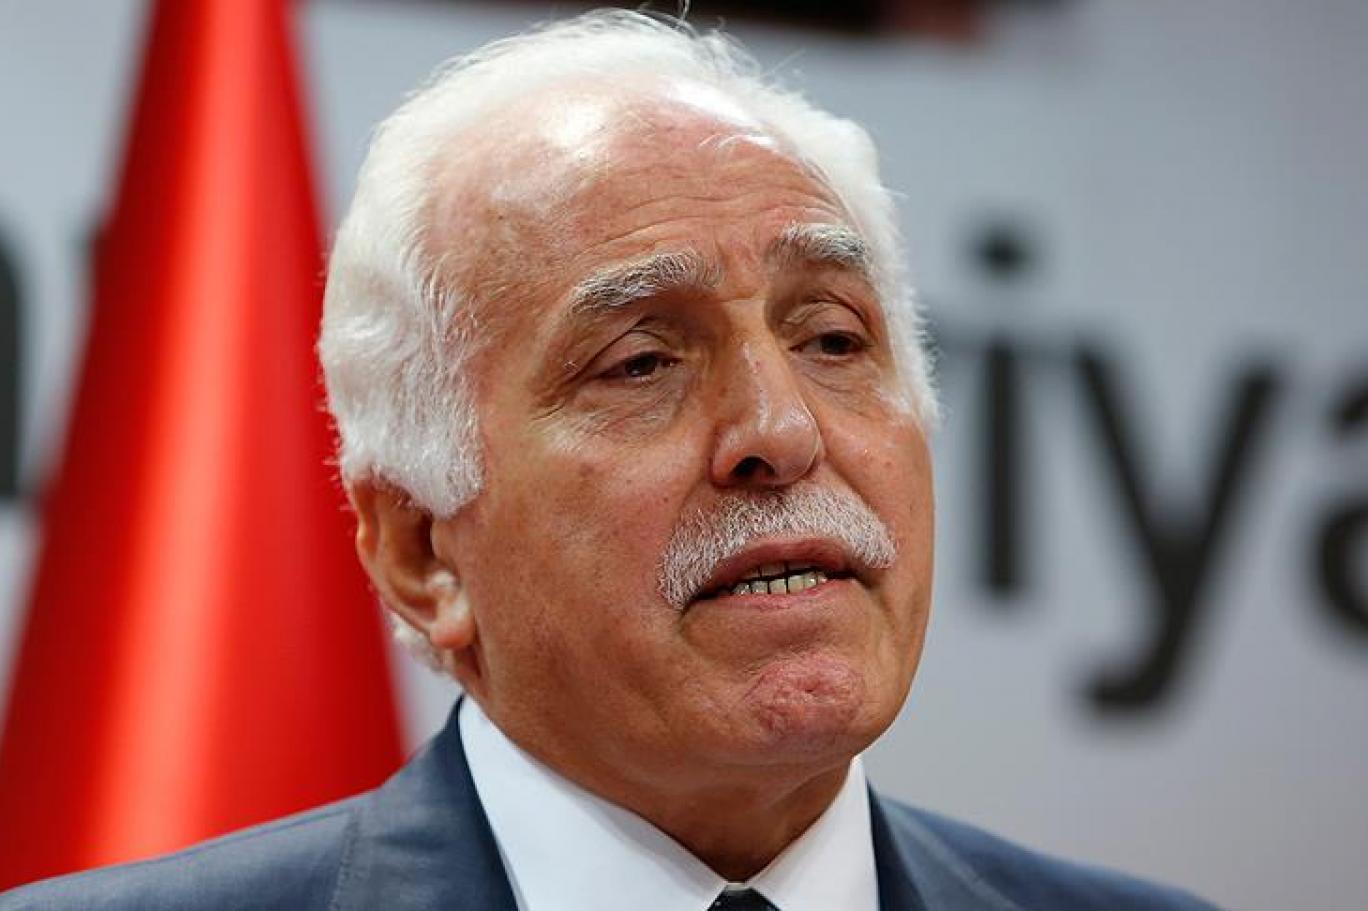 Eski Saadet Partisi Genel Başkanı Kamalak hakkında 'terör' iddianamesi   Independent Türkçe